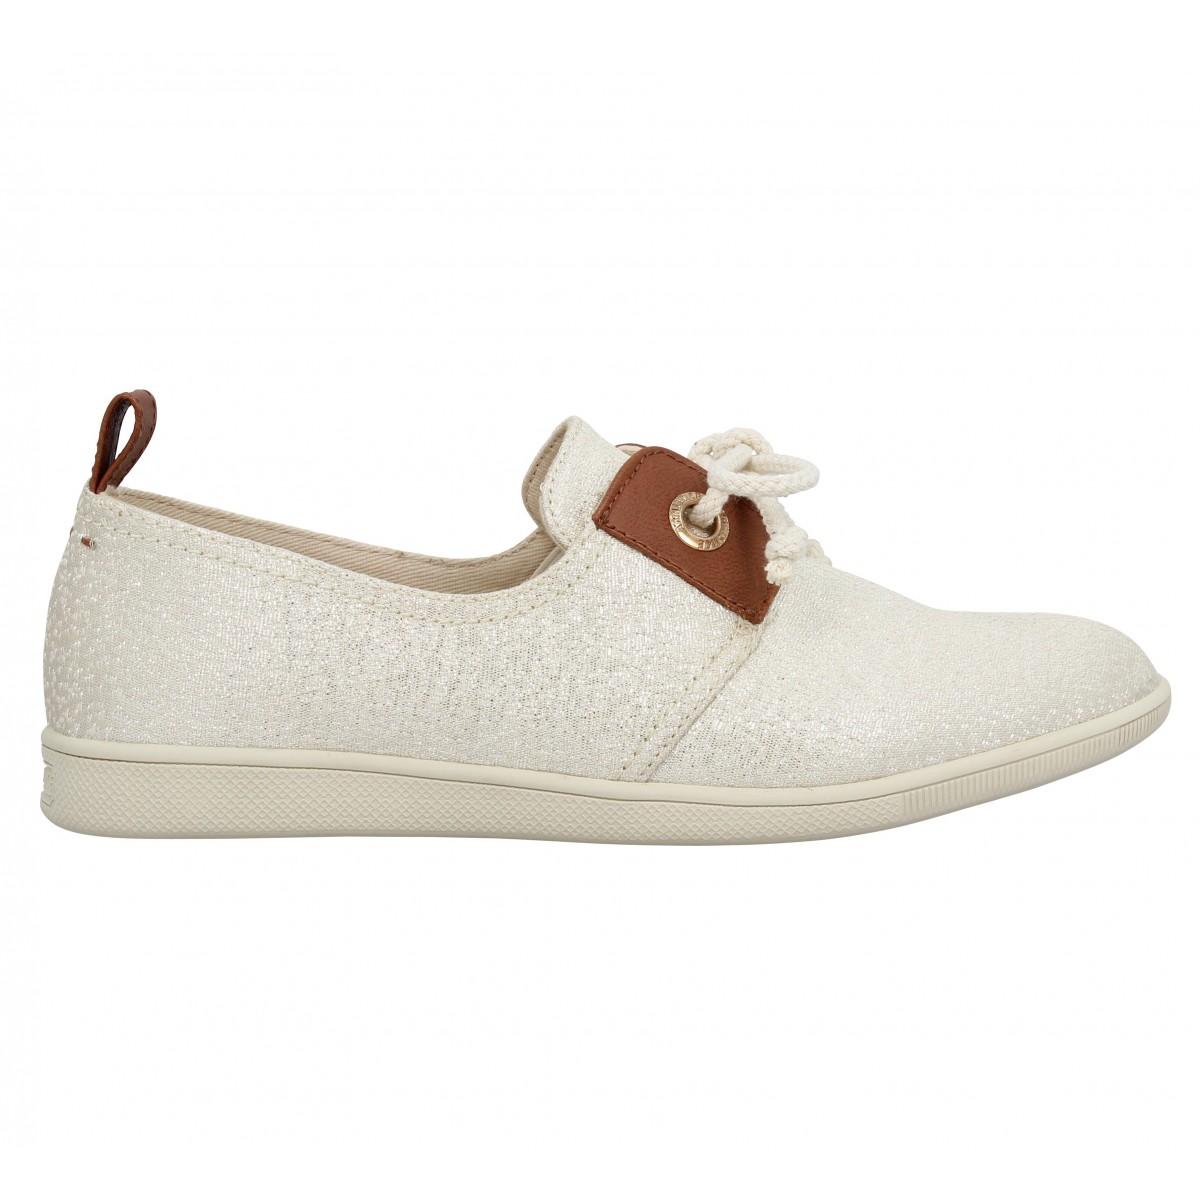 Chaussures - Bas-tops Et Baskets Armistice 8emIxj6